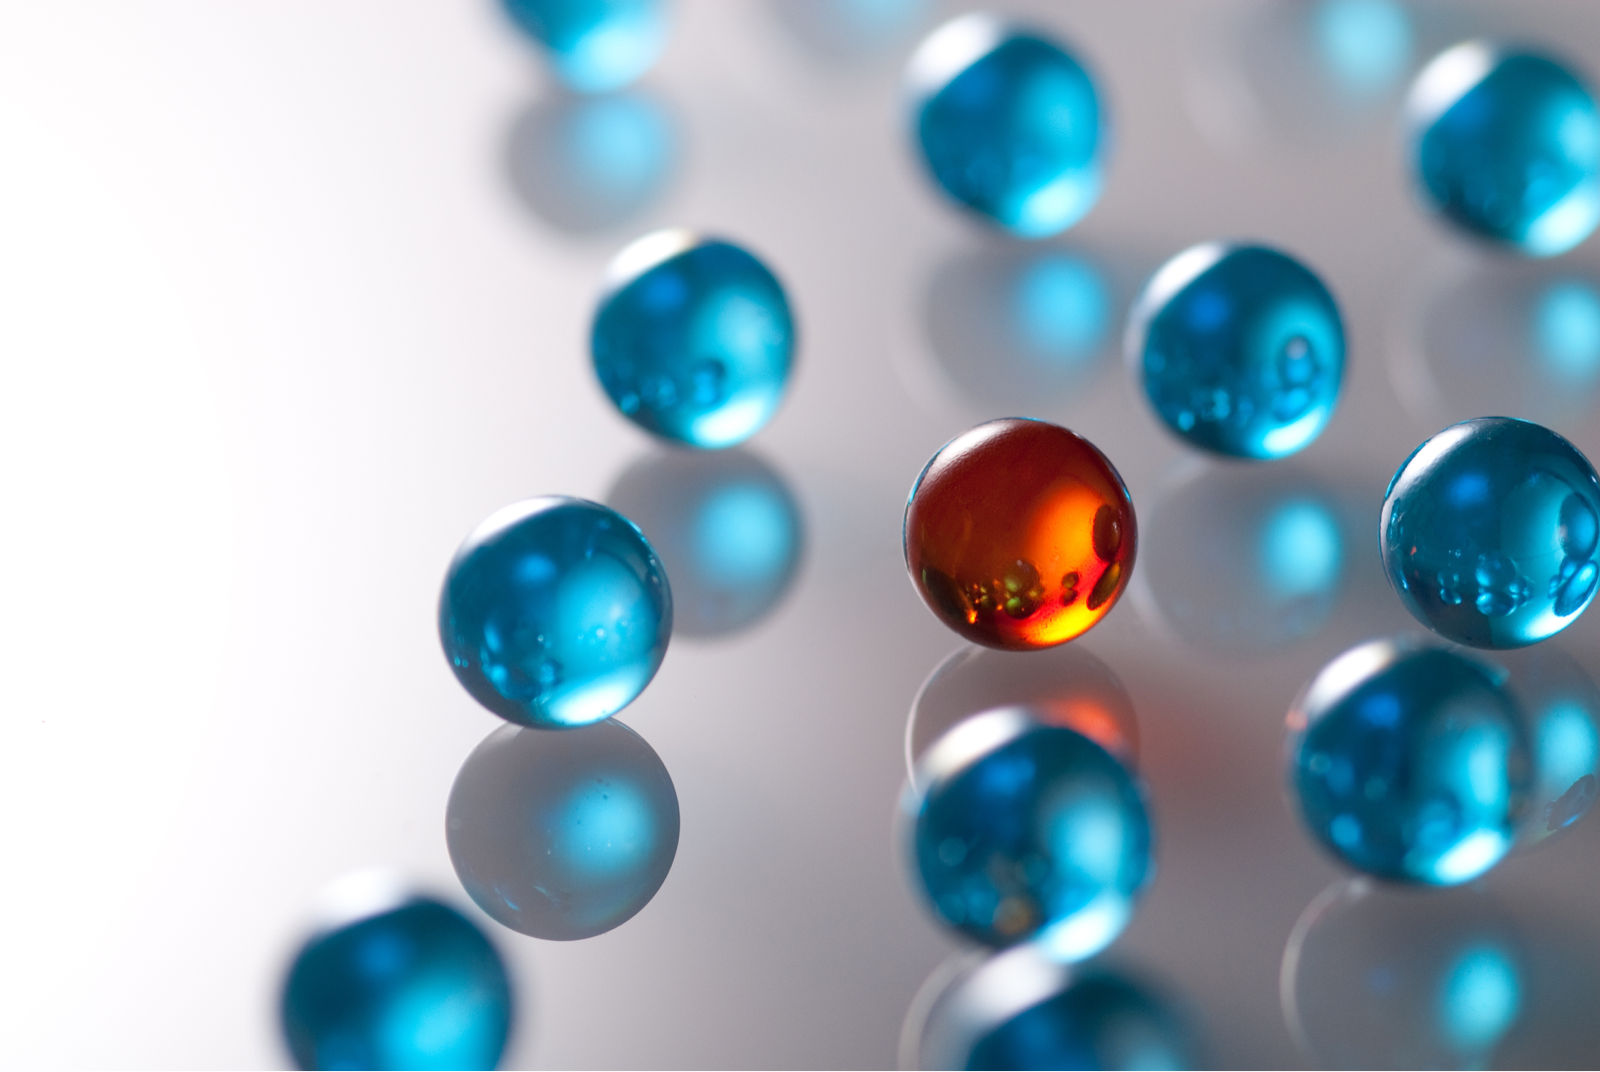 複数の青いビー玉の中に、一つの赤いビー玉